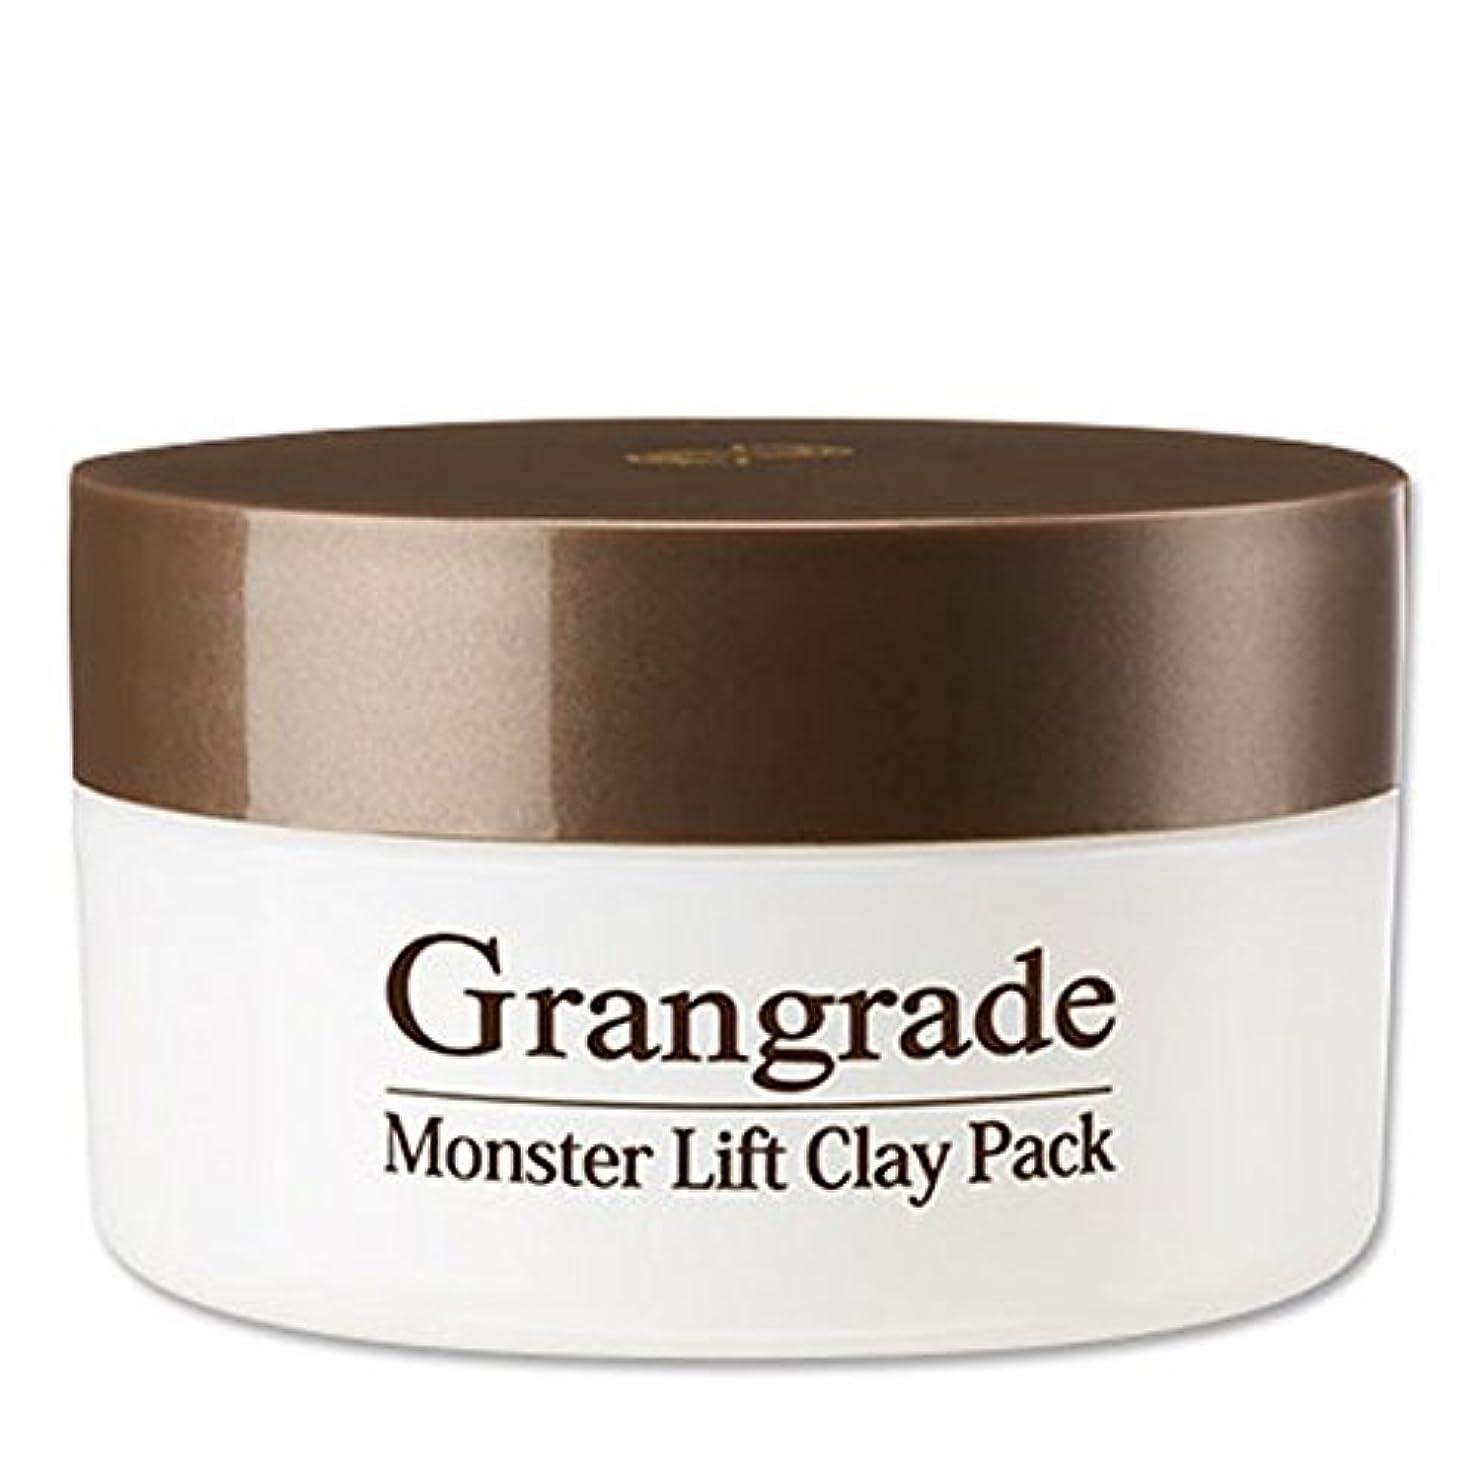 所有権今Grangrade グラングレイ モンスターリフトクレイパック